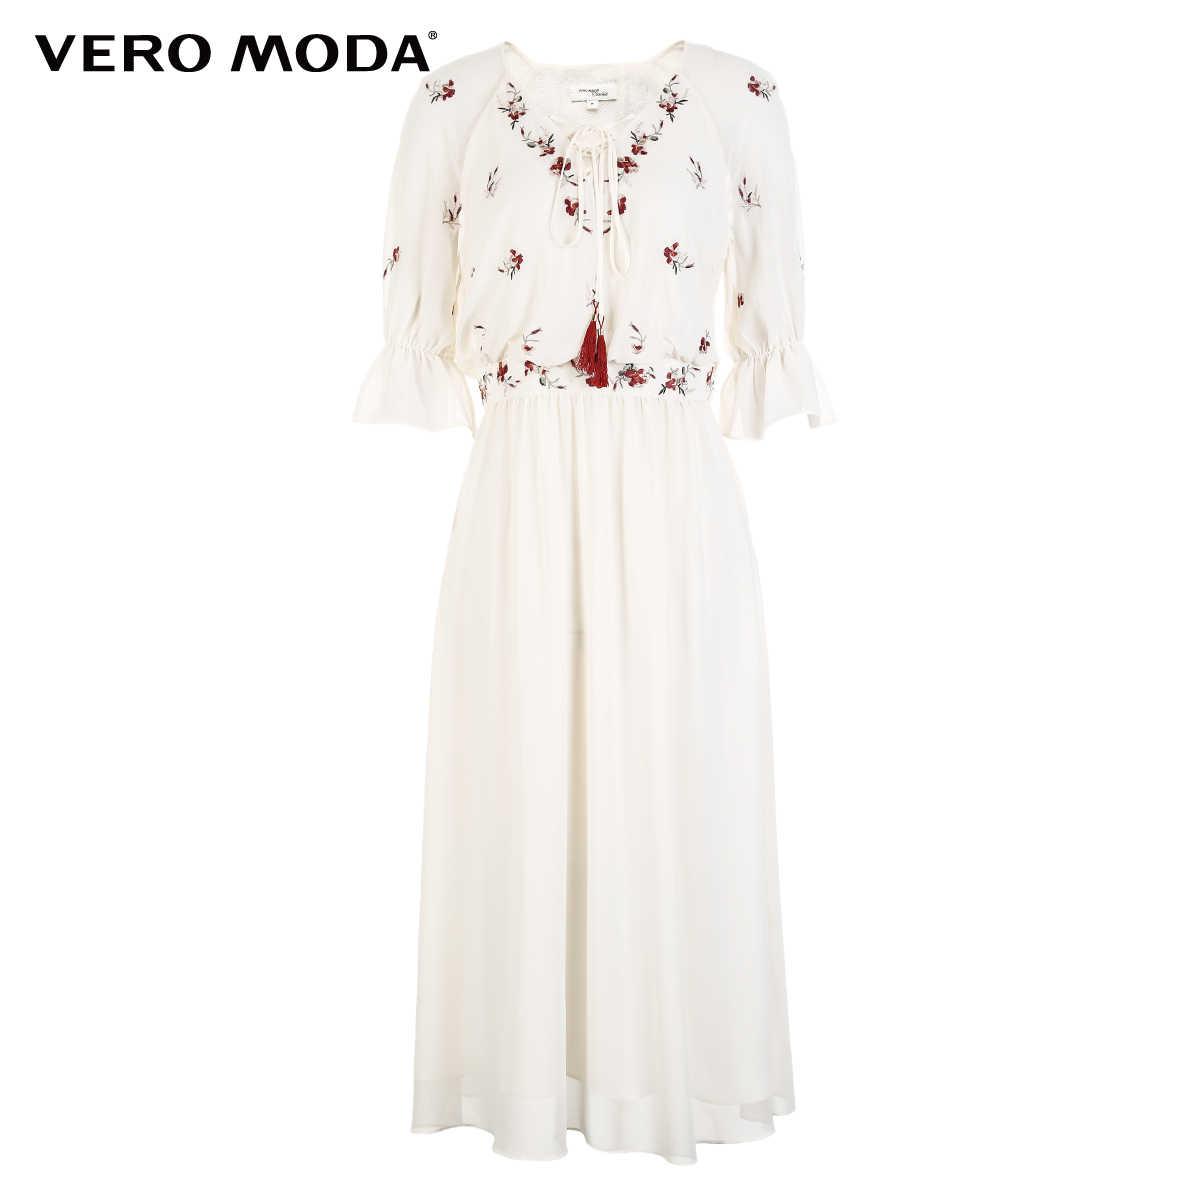 Vero Moda кружевное шифоновое макси-платье с v-образным вырезом и вышивкой | 31826Z549